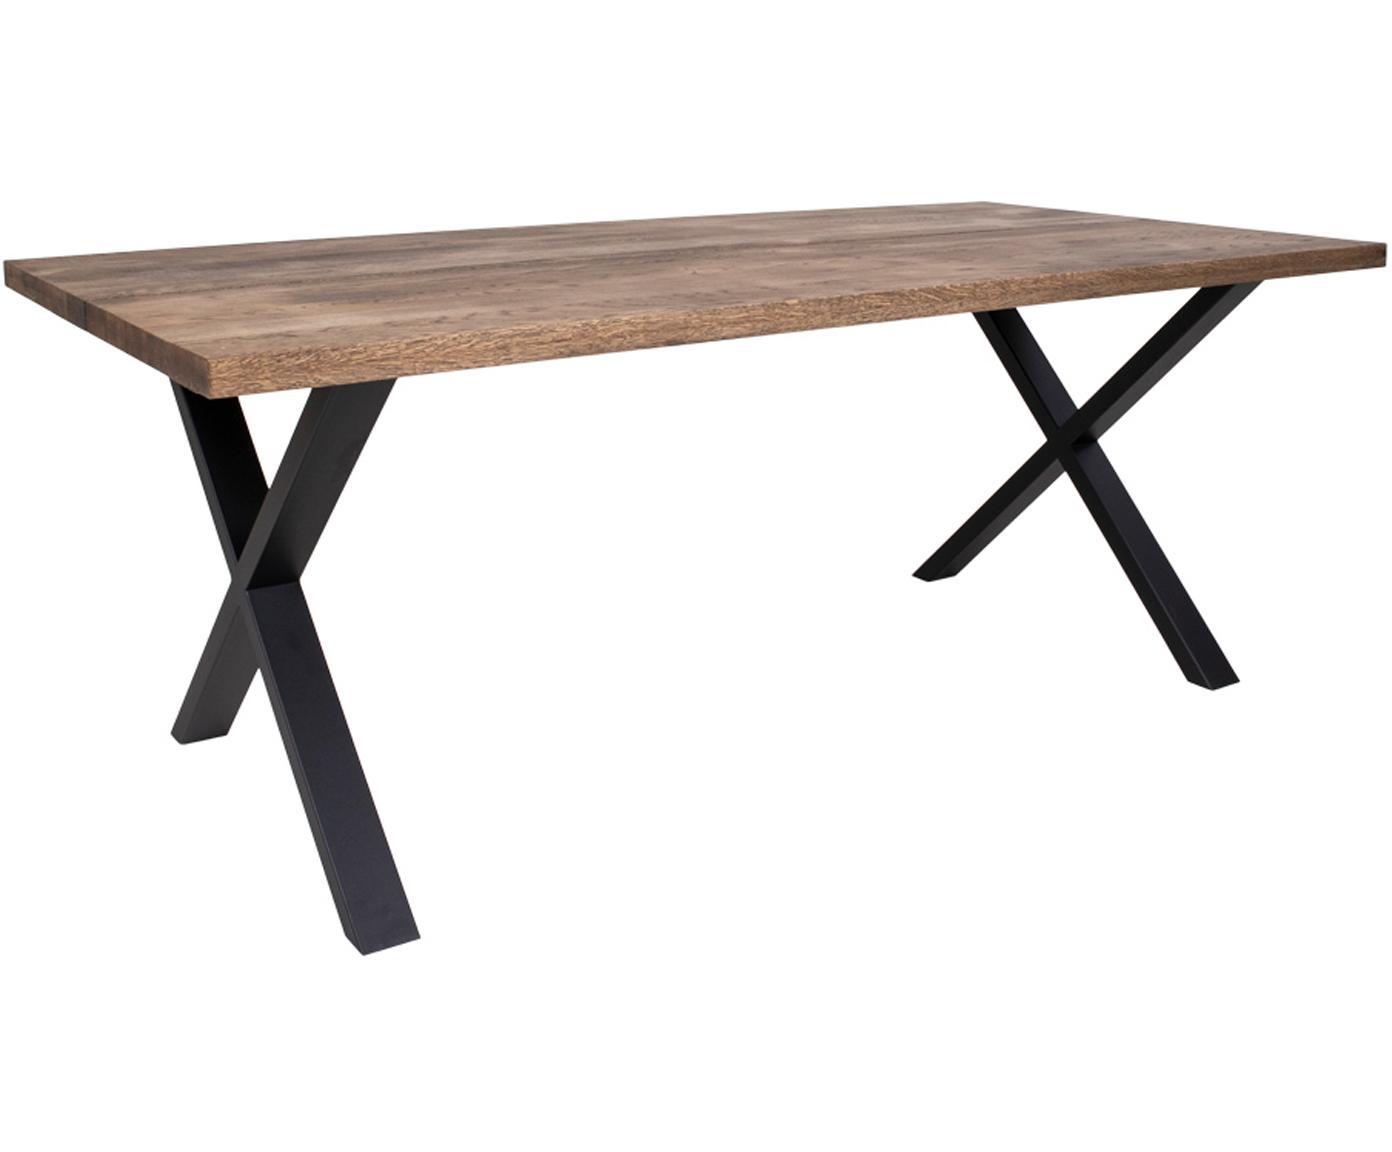 Eettafel Montpellier met massief houten blad, Tafelblad: massief eikenhout, geolie, Frame: gepoedercoat metaal, Gerookt eiken, zwart, B 200 x D 95 cm